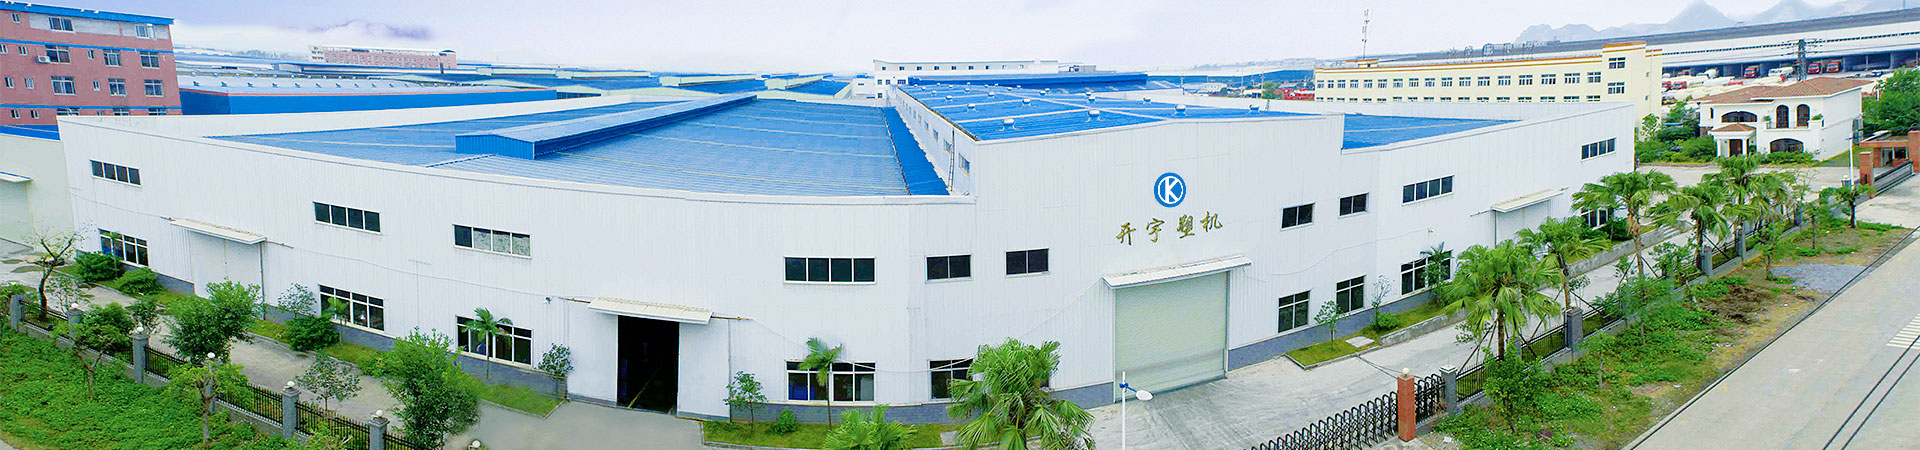 柳州開宇塑膠機械有限公司